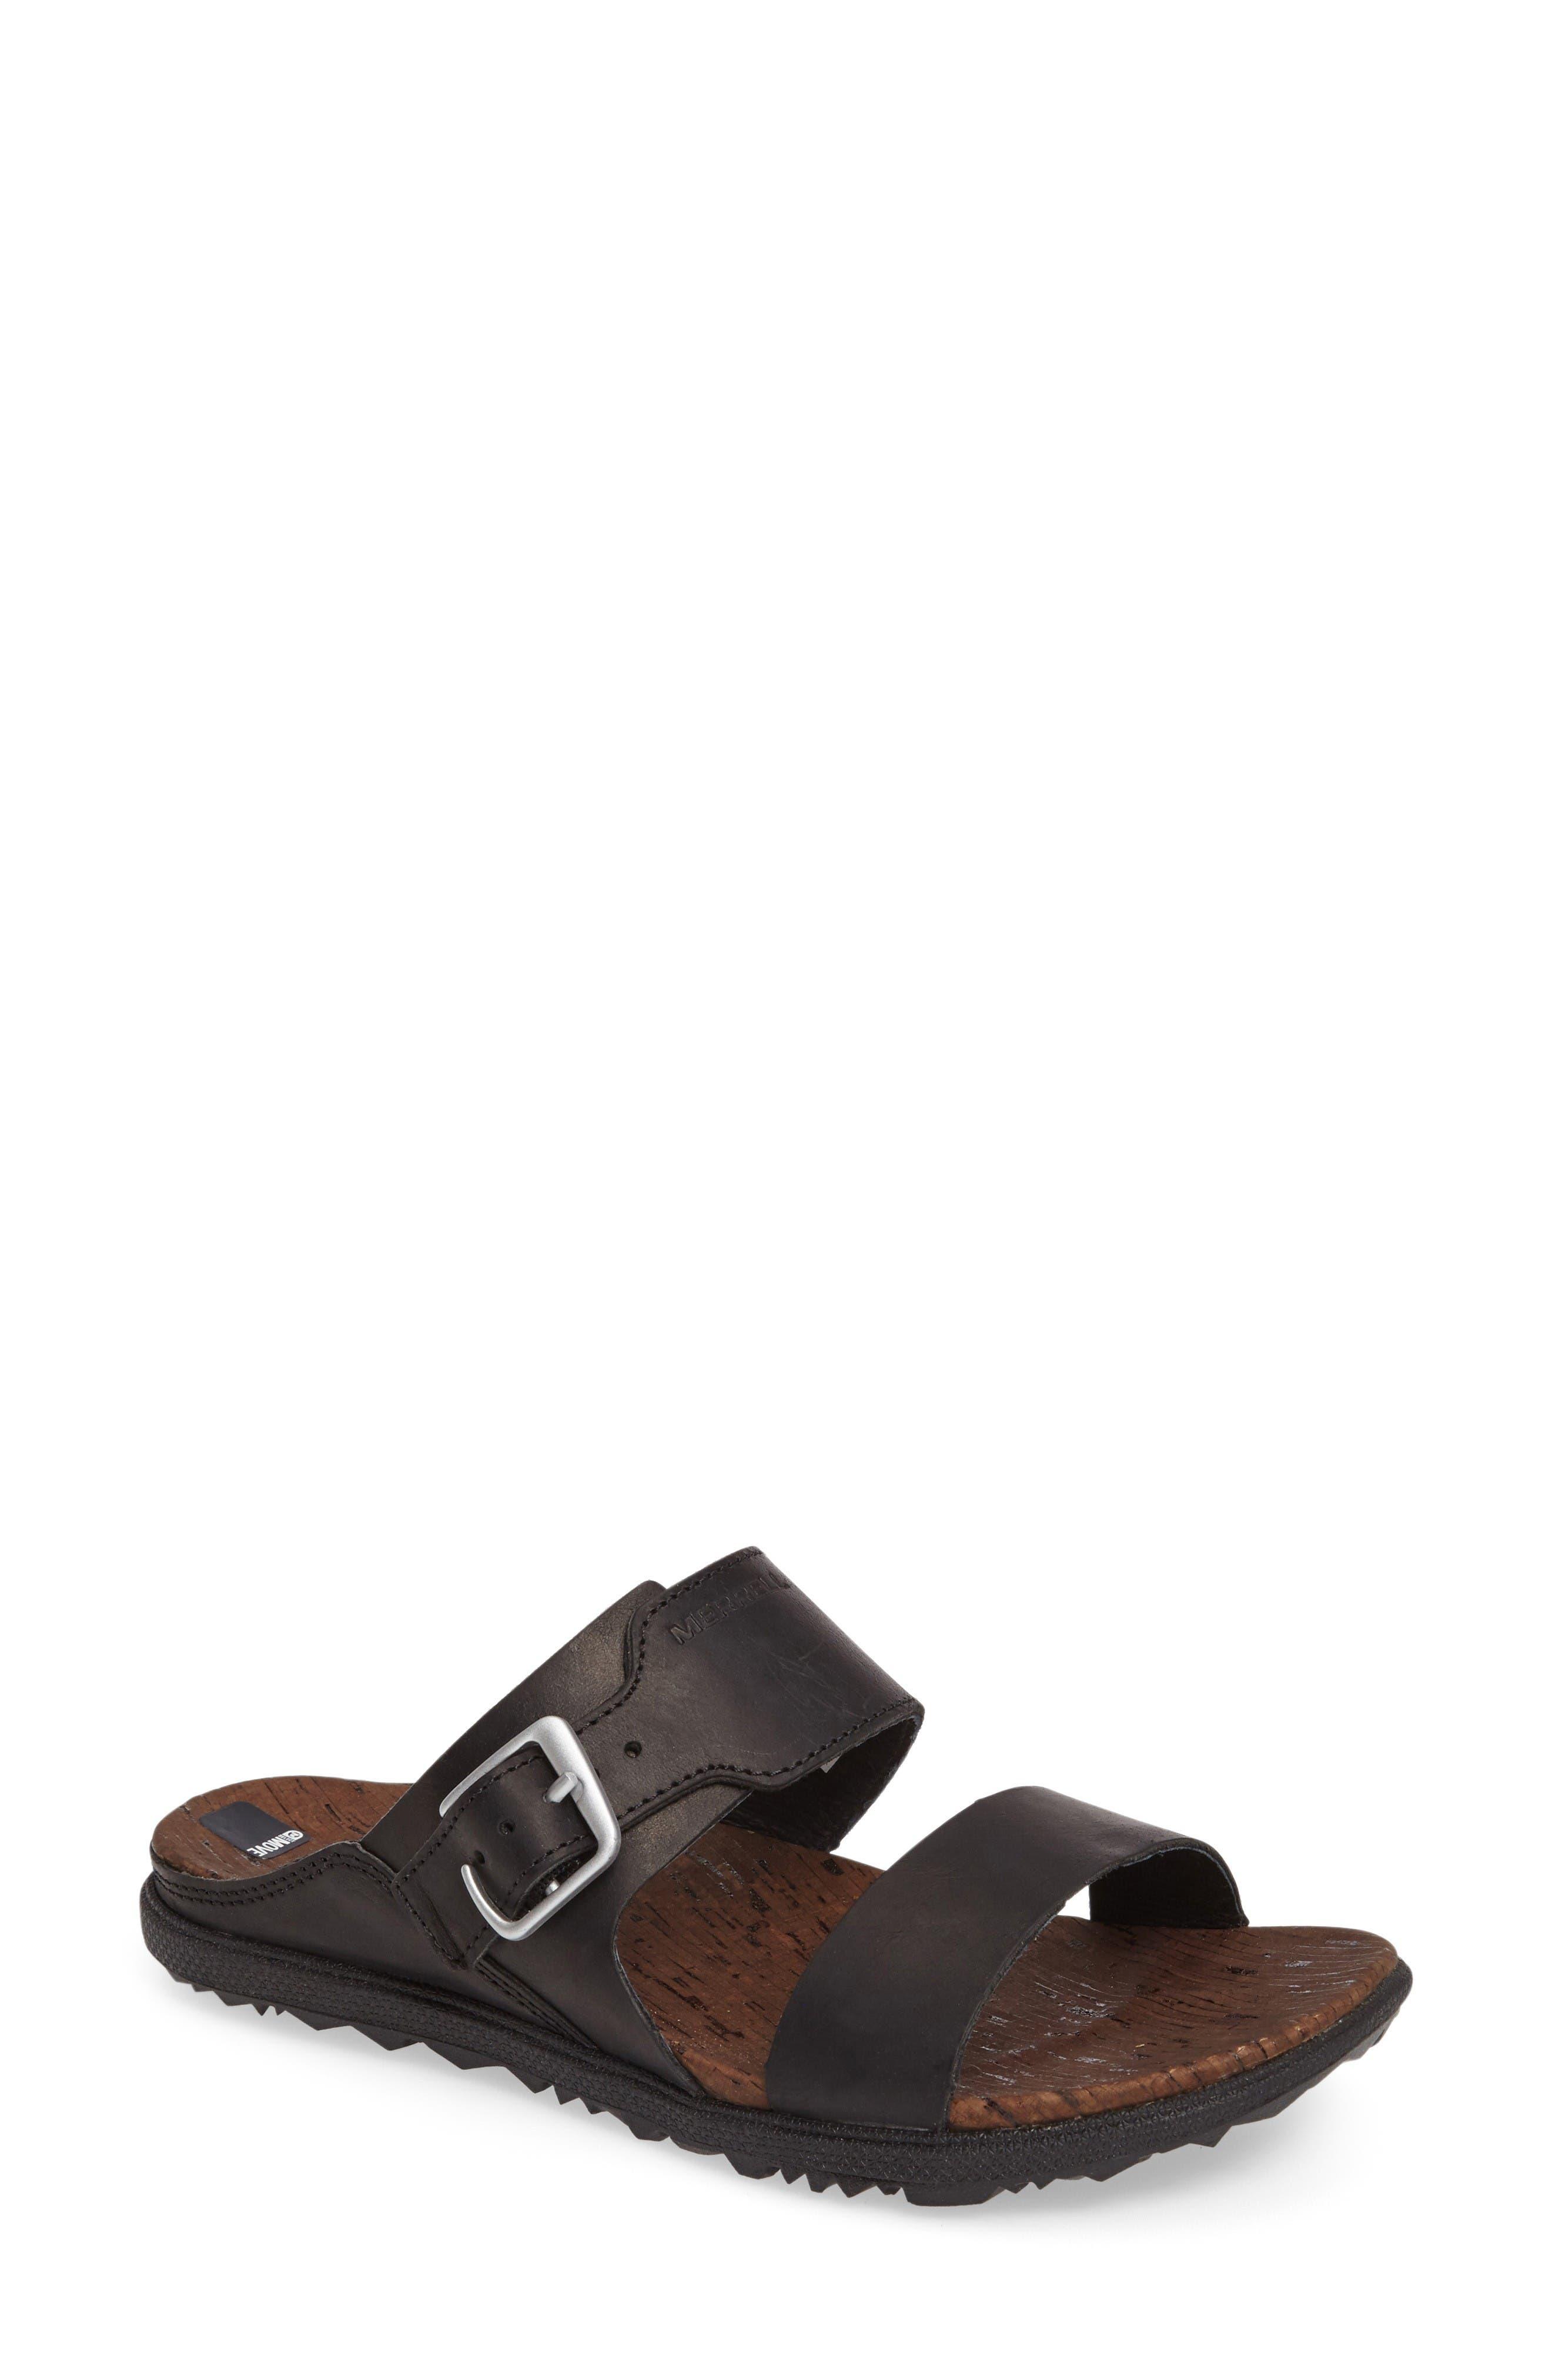 MERRELL Around Town Slide Sandal